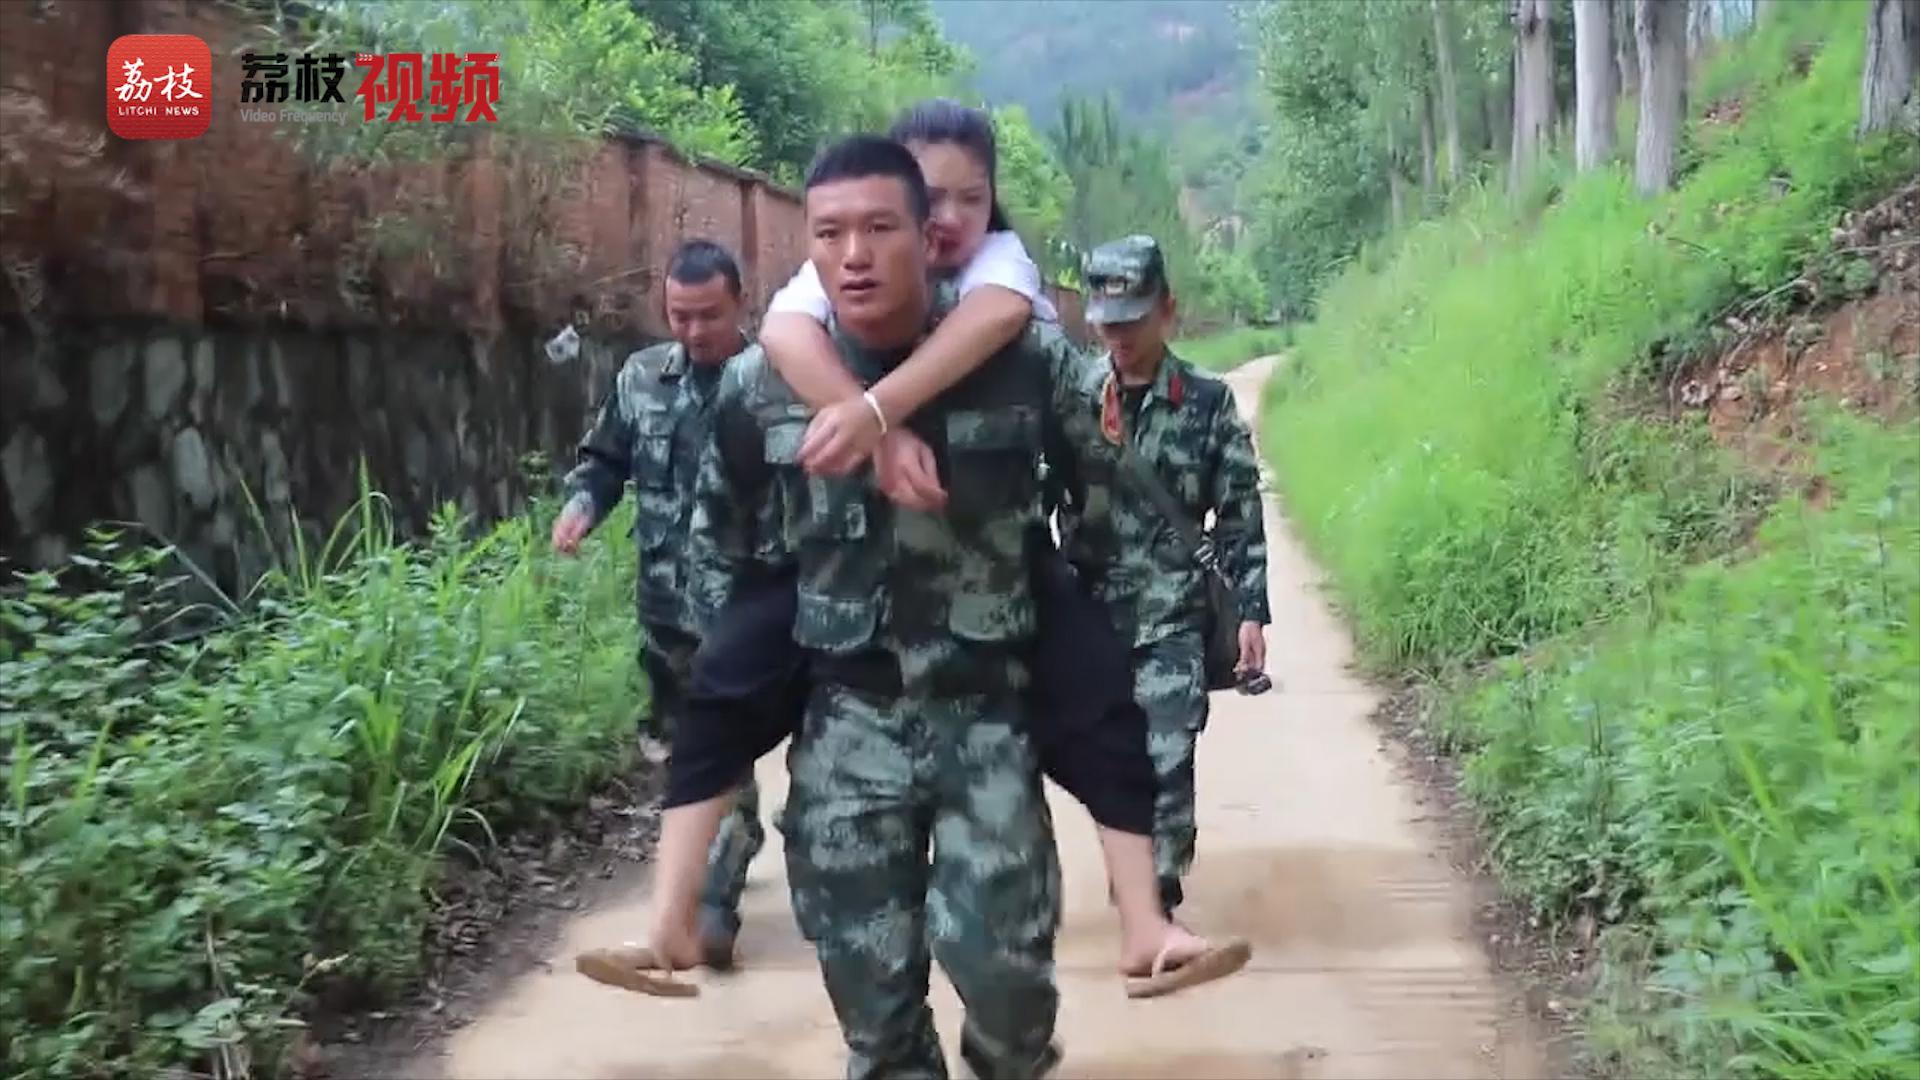 武警官兵紧急救助突遇车祸女子